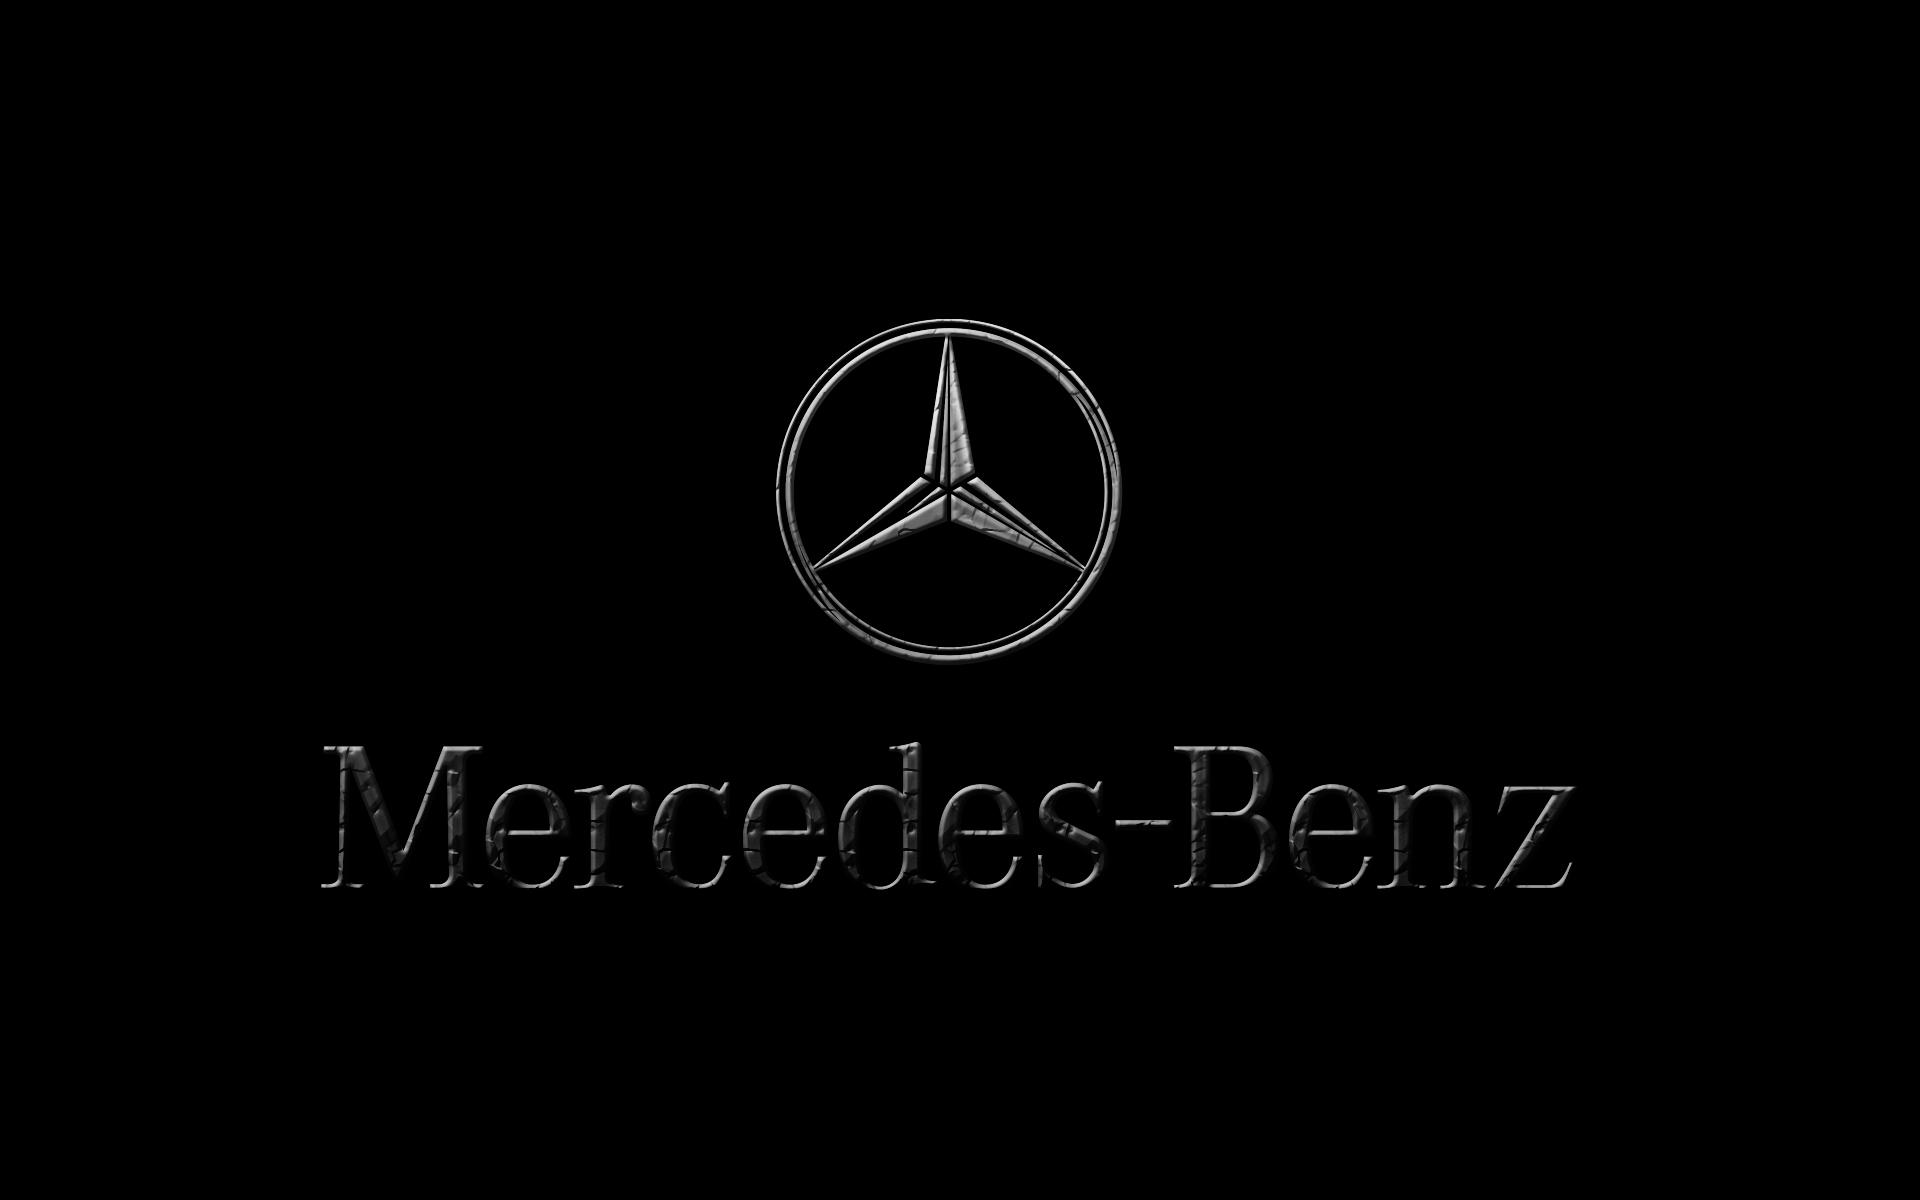 Mercedes Benz Wallpapers For Desktop 1920x1200